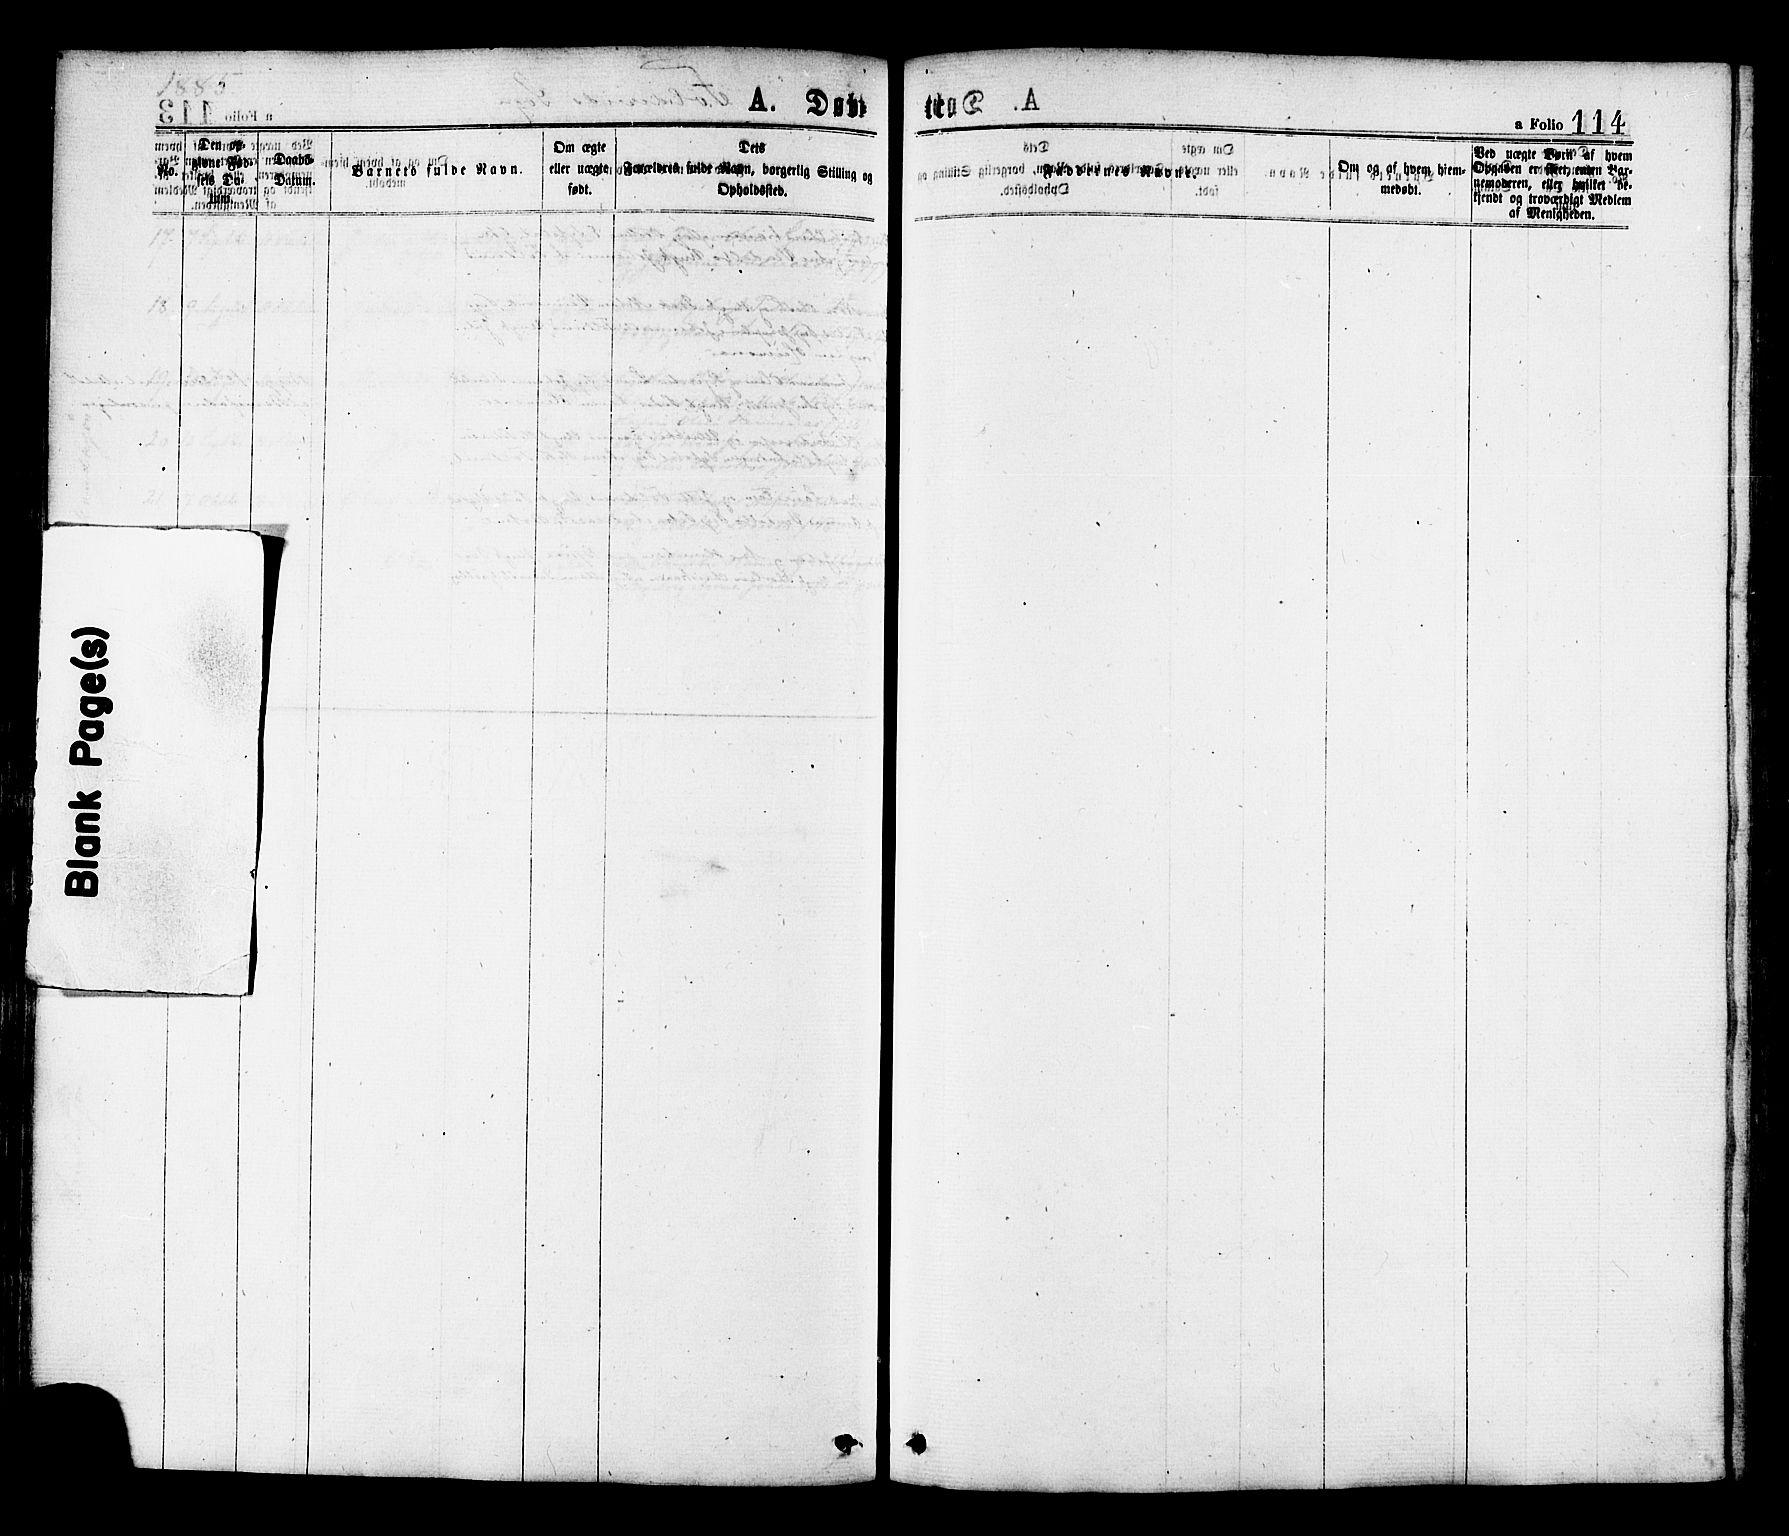 SAT, Ministerialprotokoller, klokkerbøker og fødselsregistre - Nord-Trøndelag, 780/L0642: Ministerialbok nr. 780A07 /2, 1878-1885, s. 114